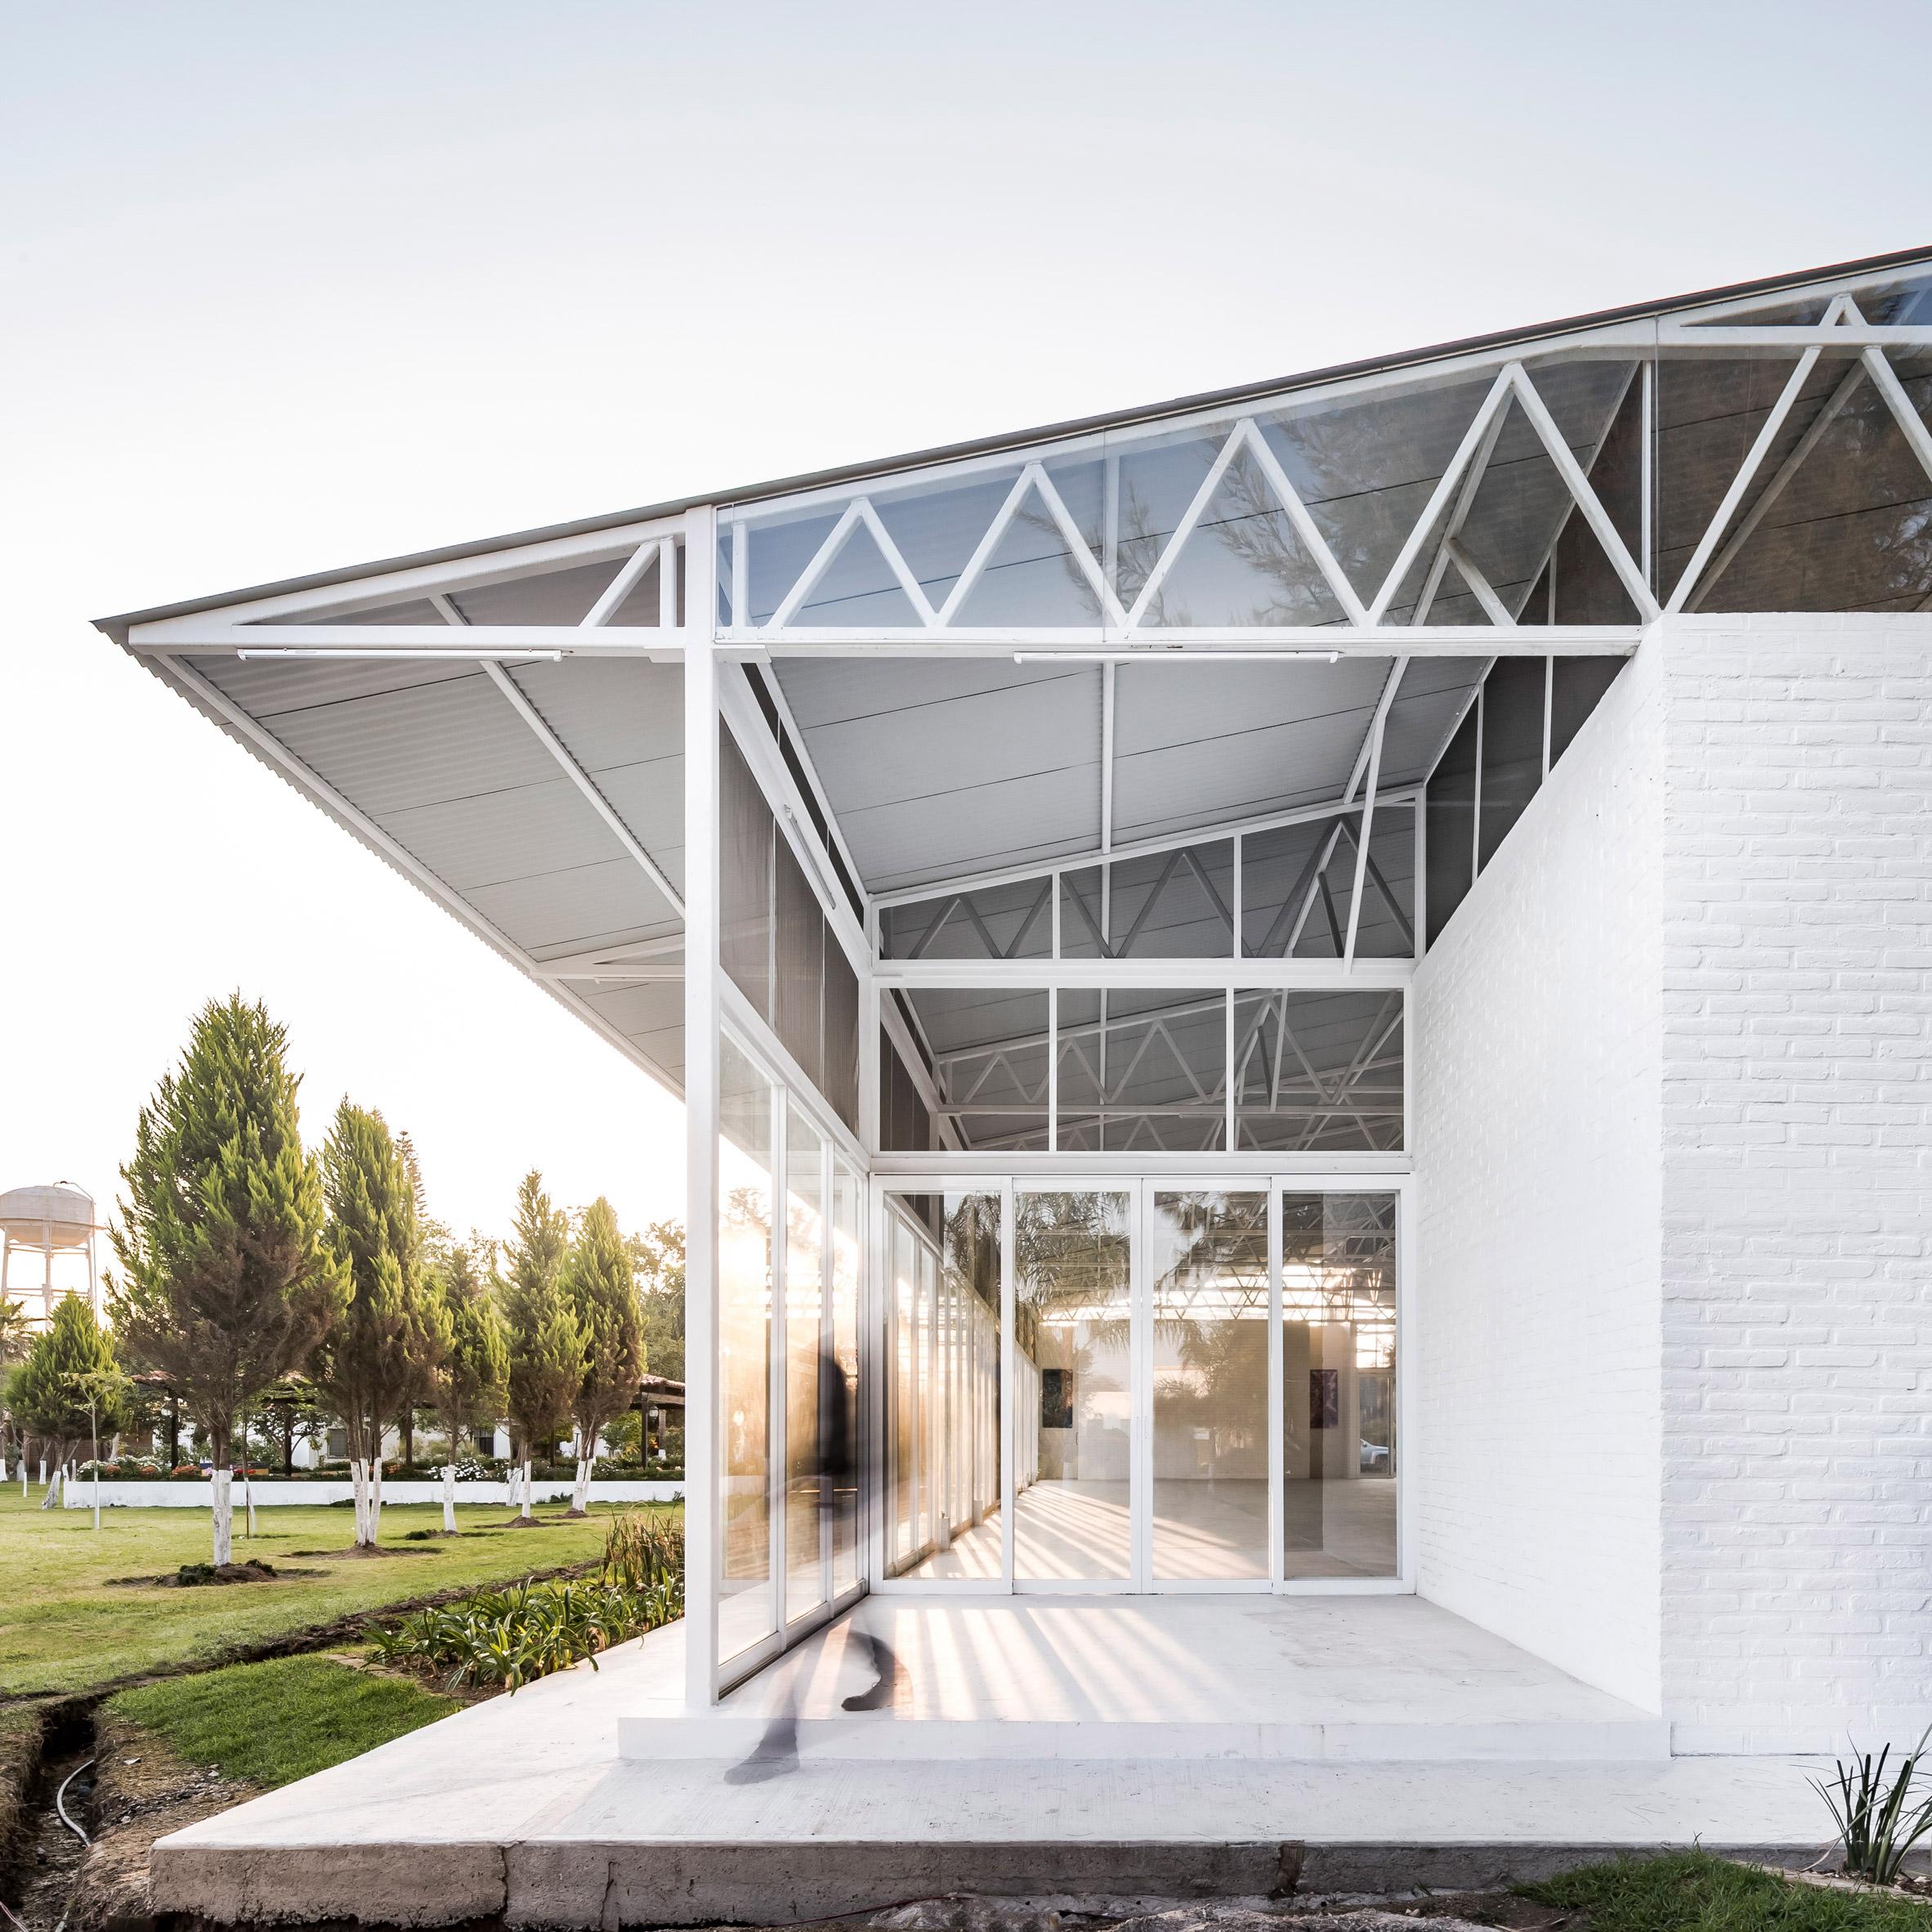 pabellon-avila-abraham-cota-paredes-architecture-pavilion-mexico_dezeen_2364_sq2